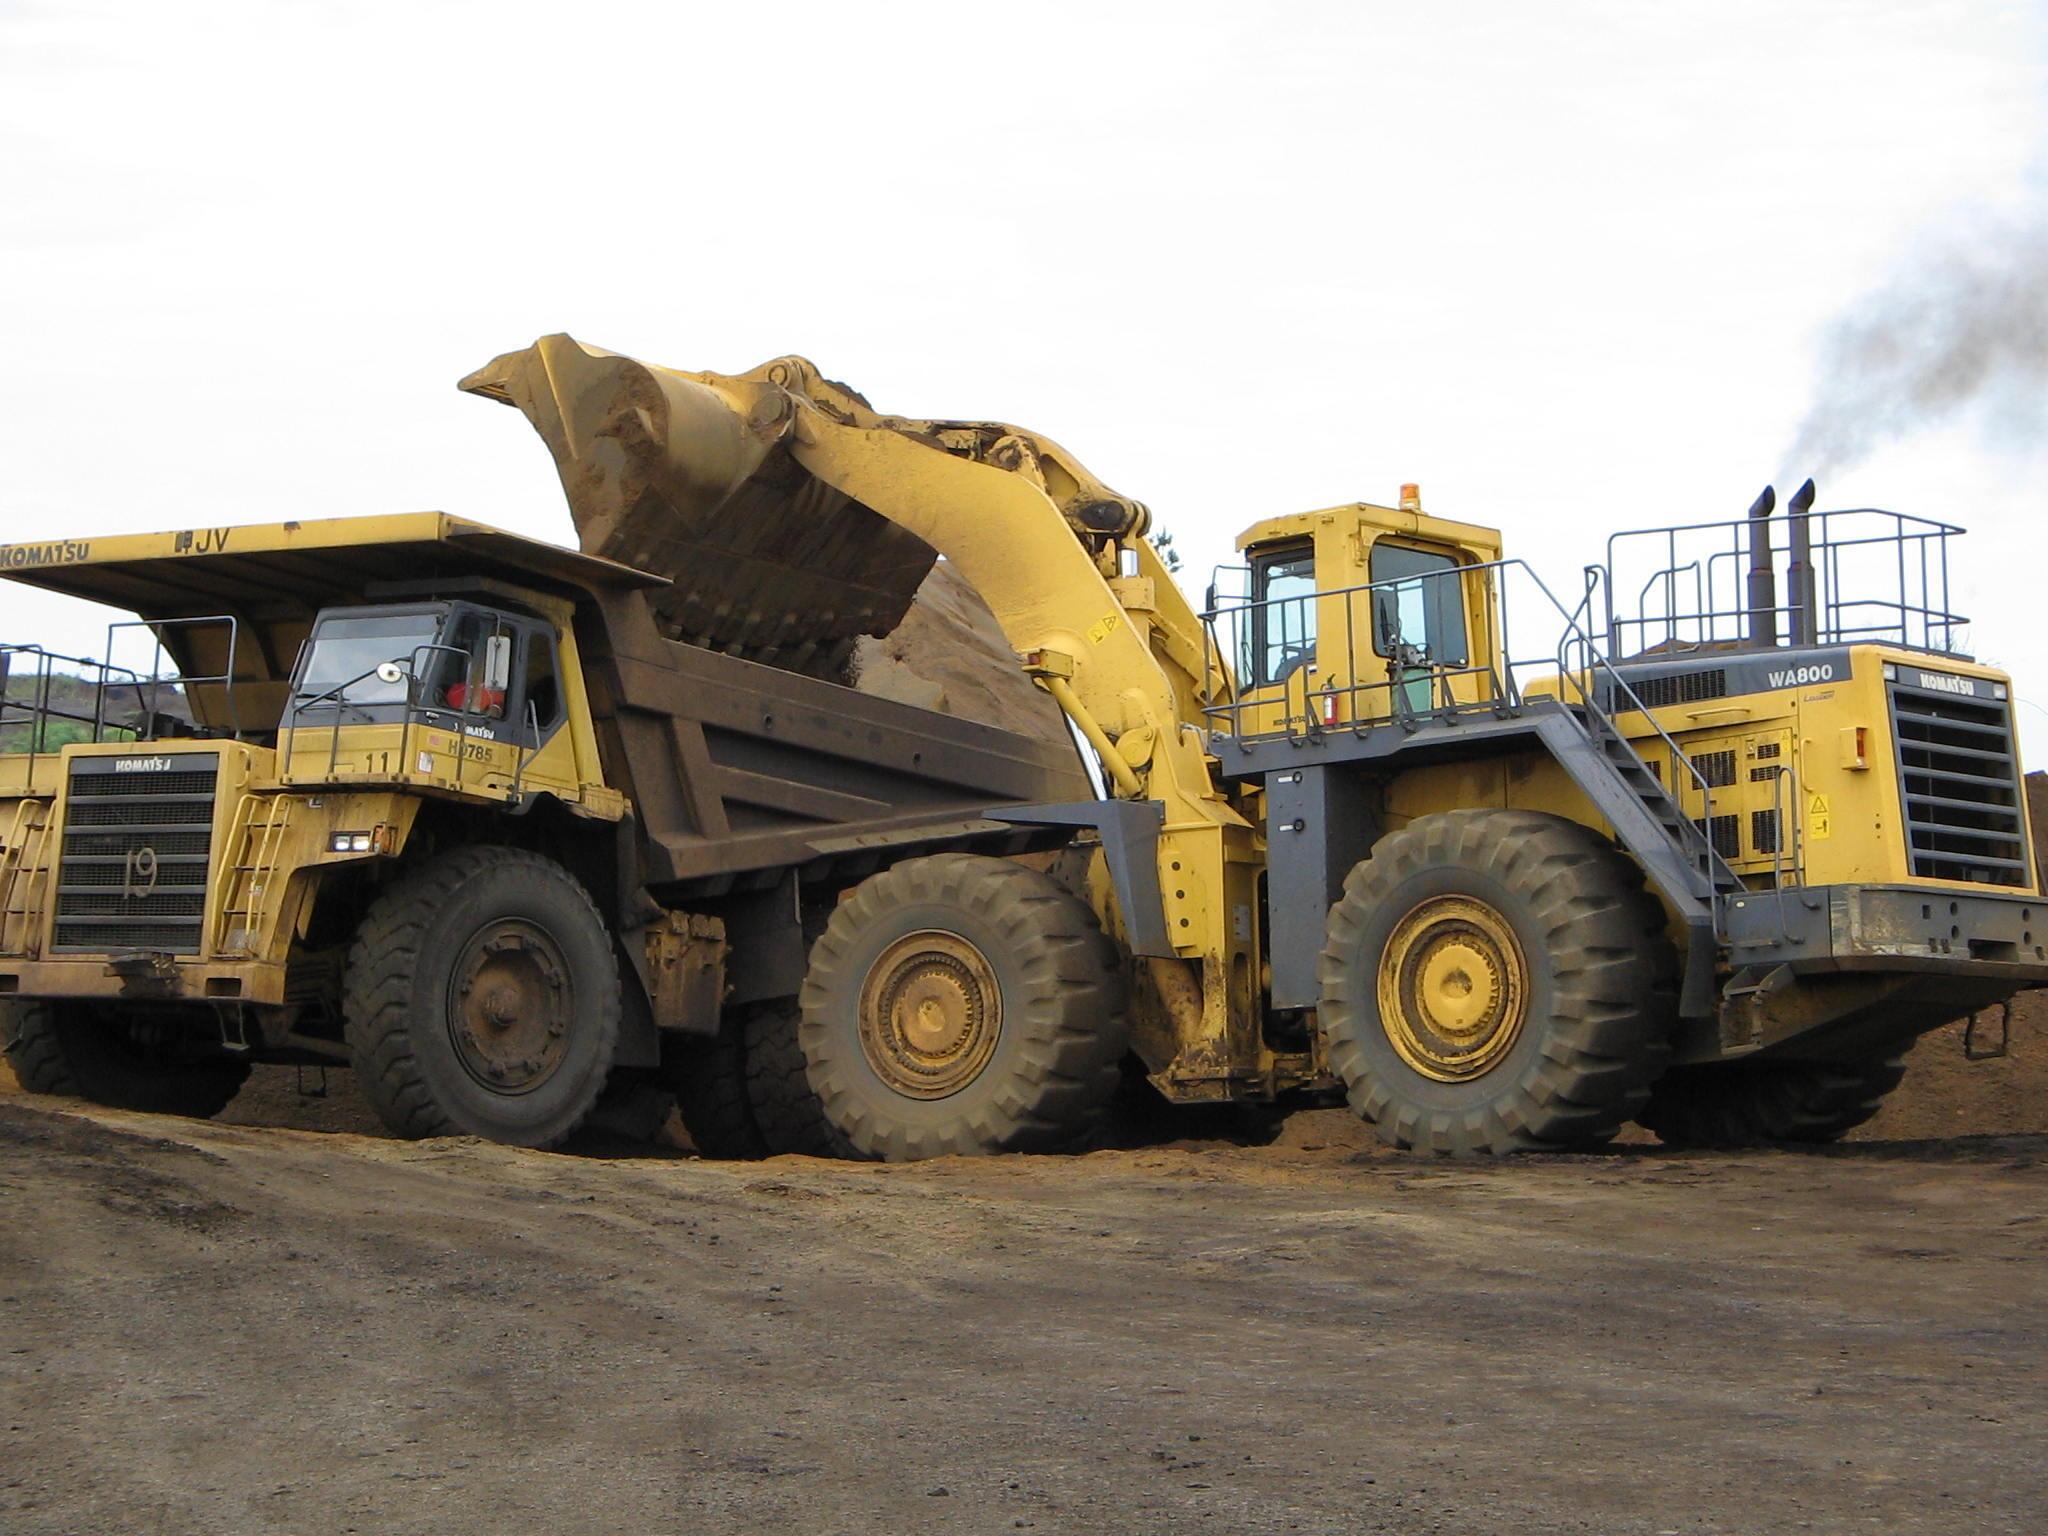 Carrière d'exploitation de manganèse à Moanda par la Compagnie minière de l'Ogooué (COMILOG, filiale du groupe français Eramet).